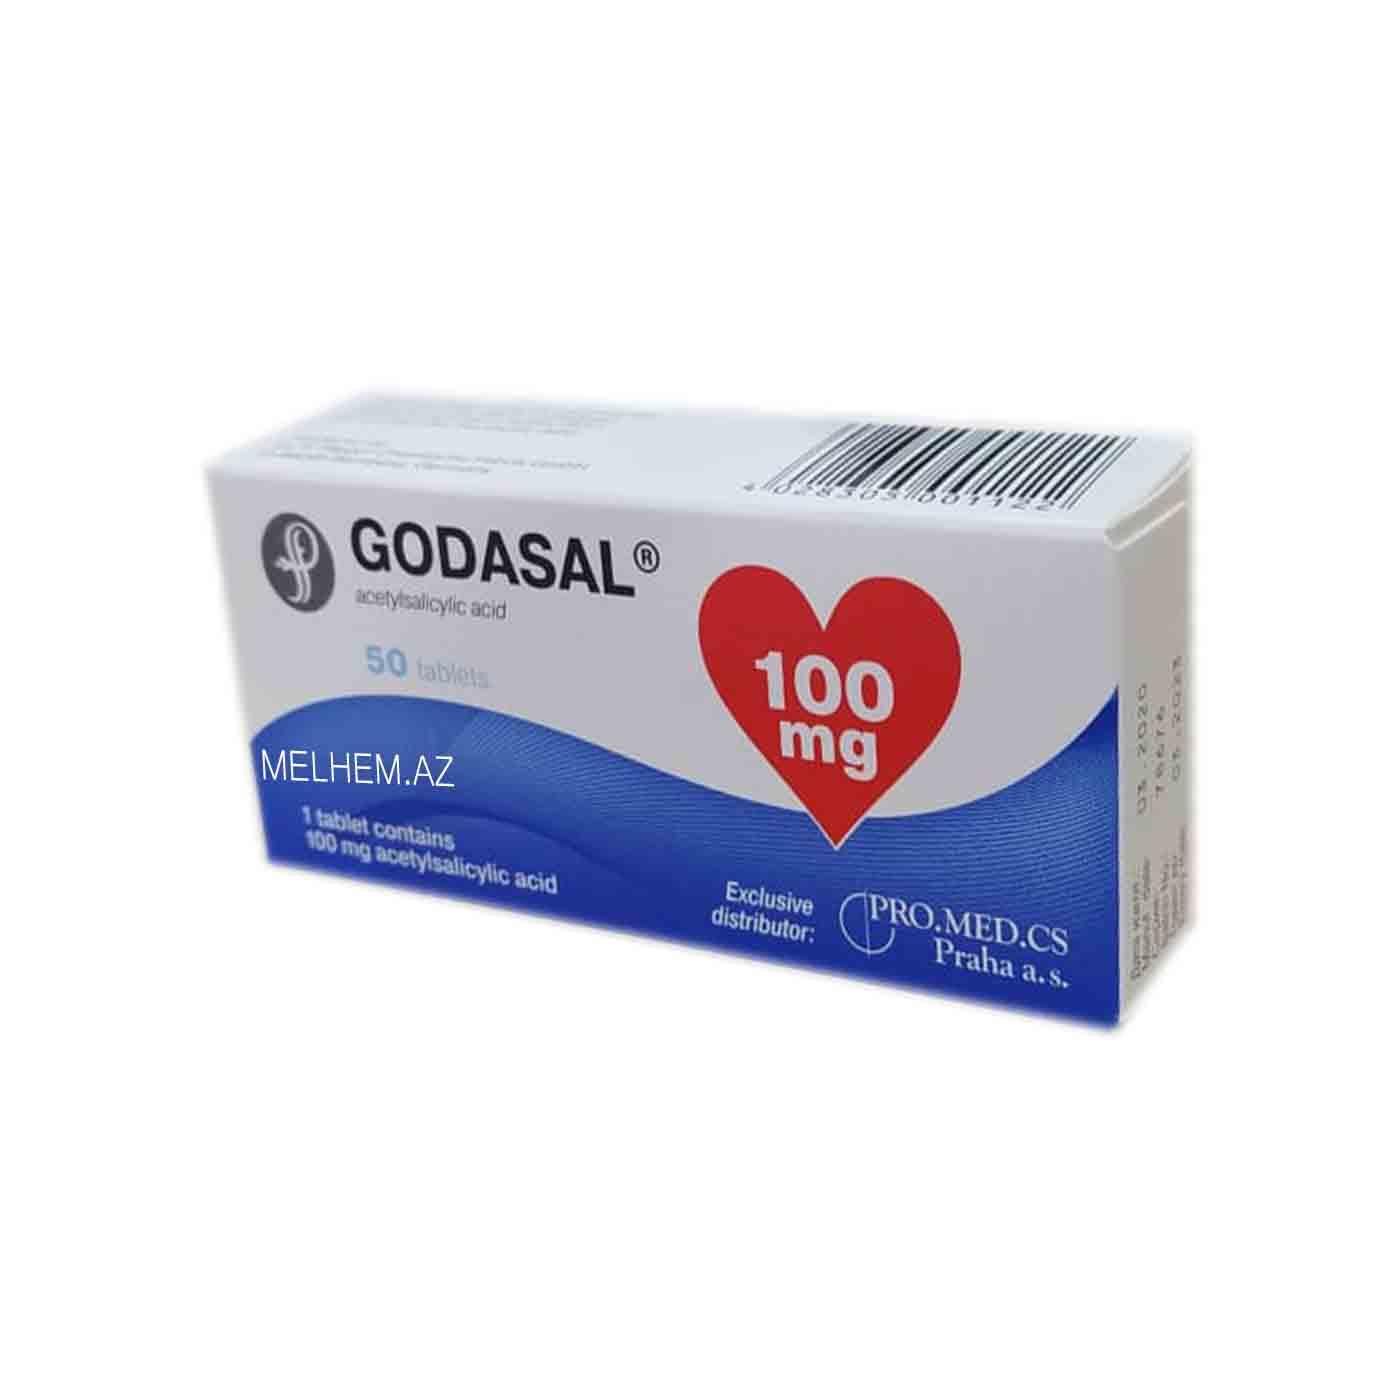 GODASAL 100MG N50